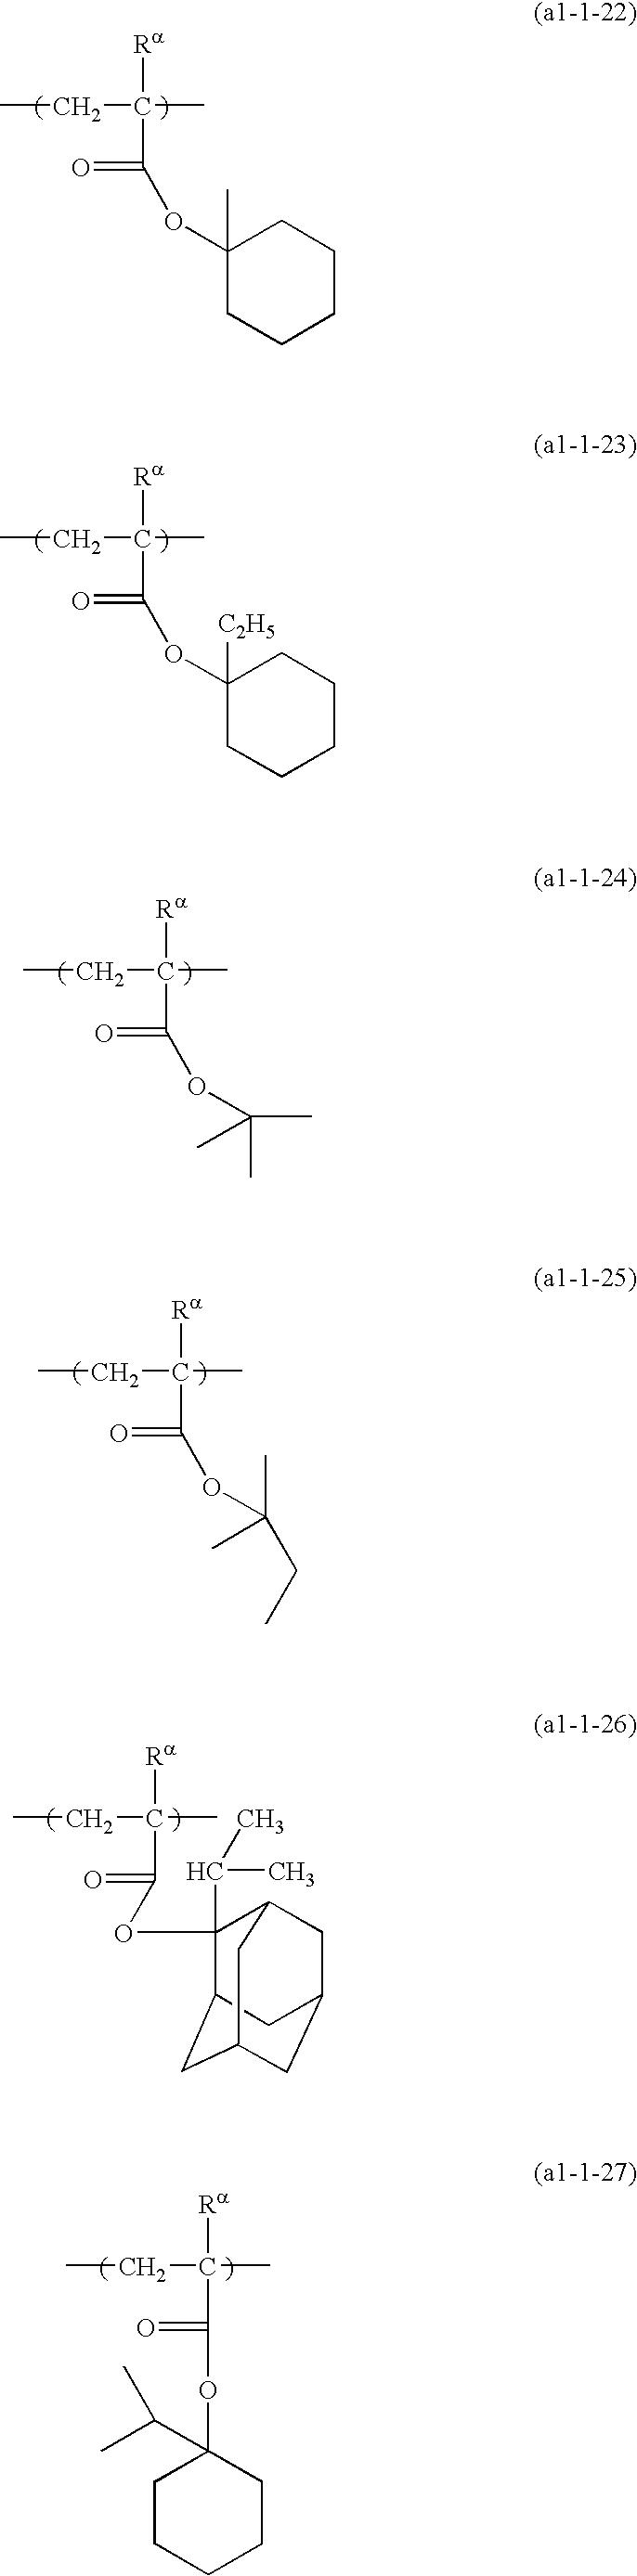 Figure US20100136480A1-20100603-C00025